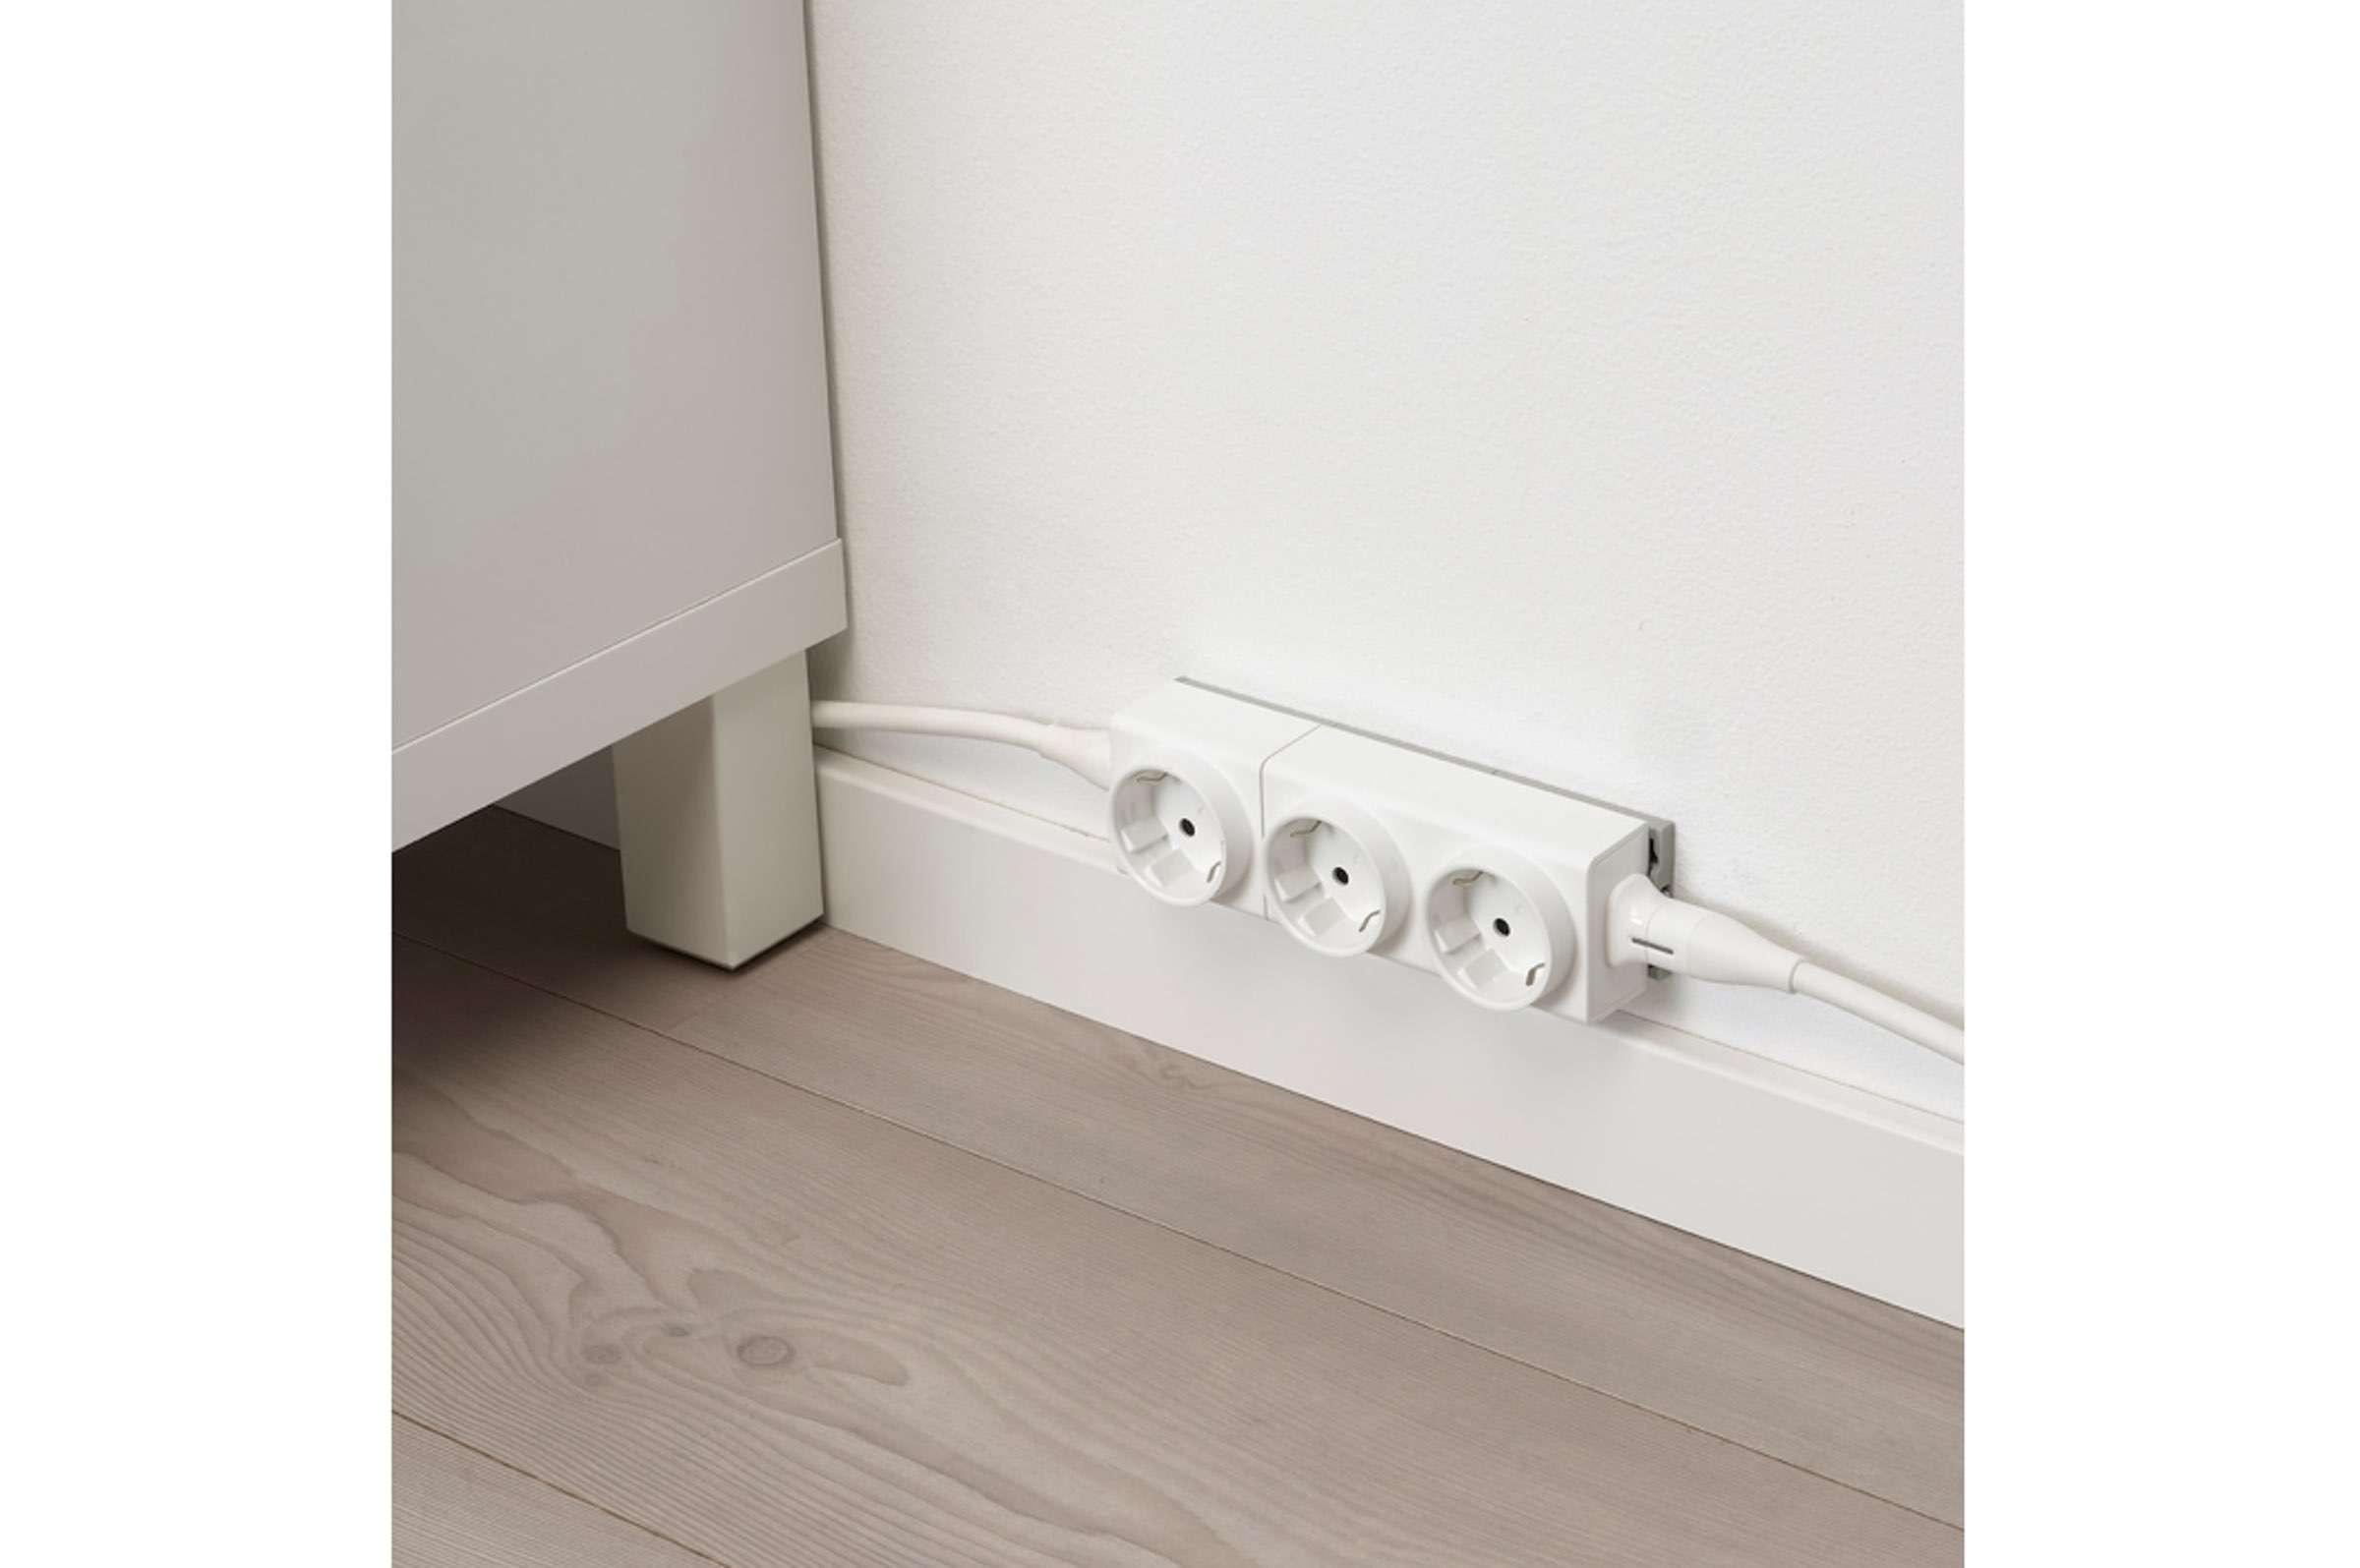 IKEA Åskväder – Mehrfachsteckdose modular erweitern